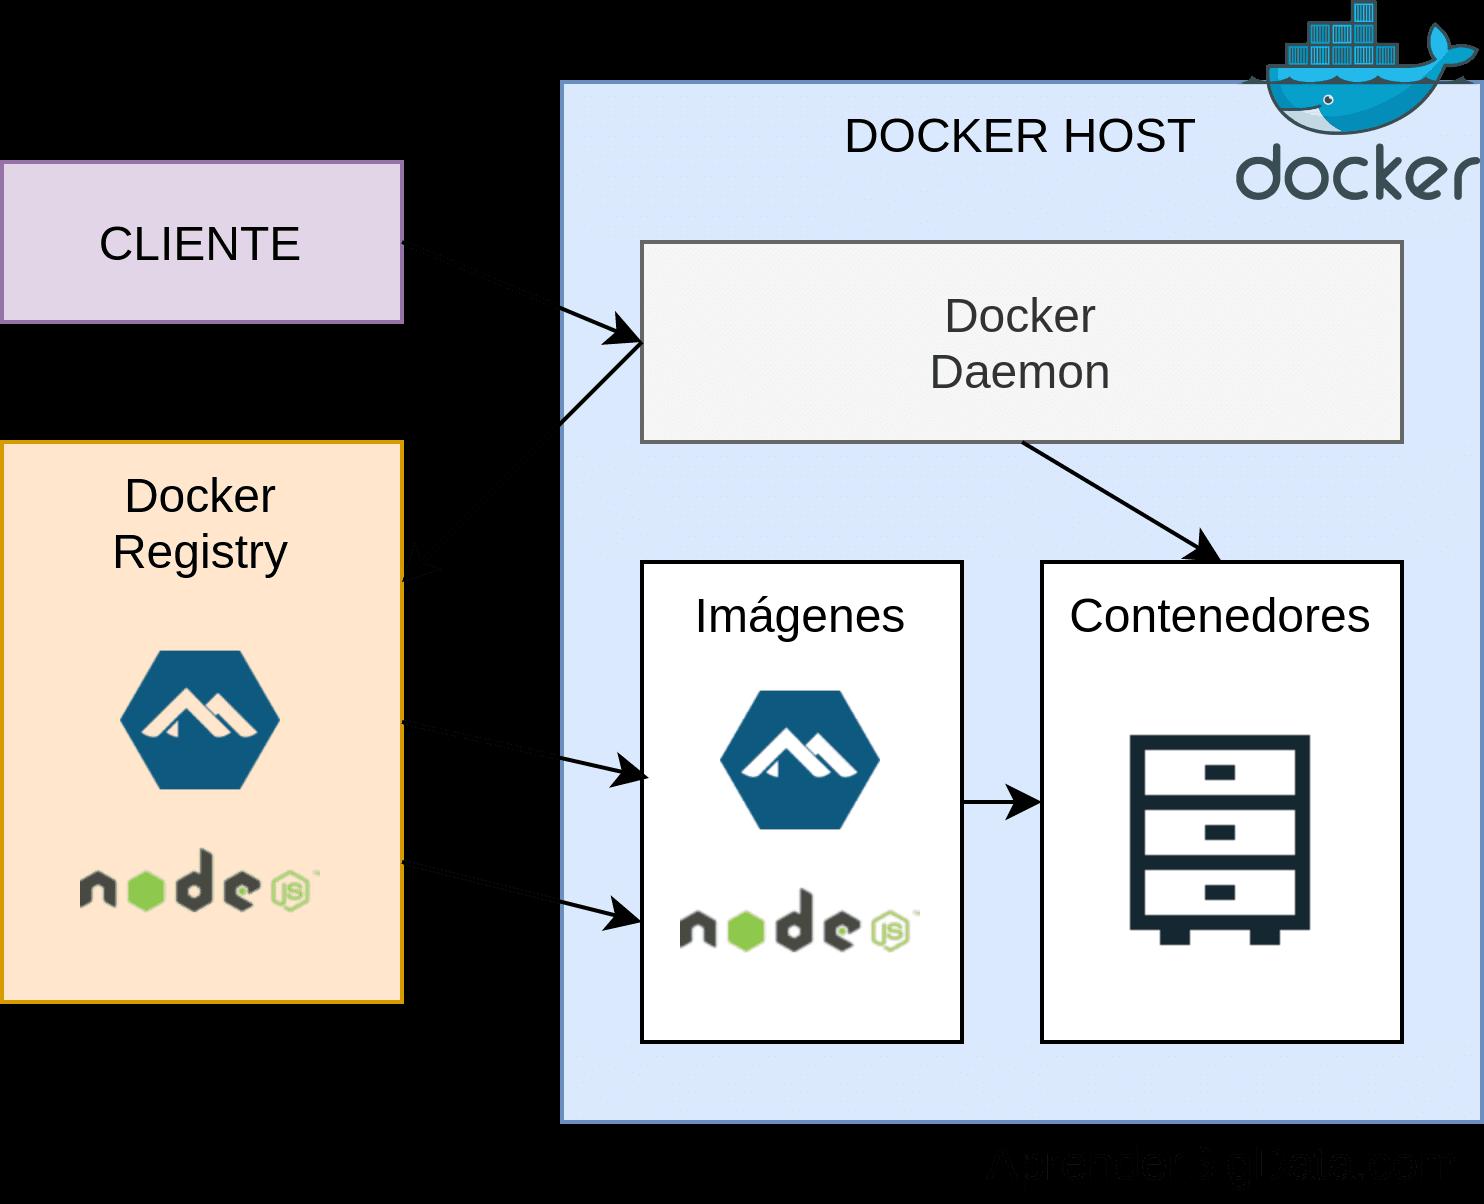 Componentes Docker